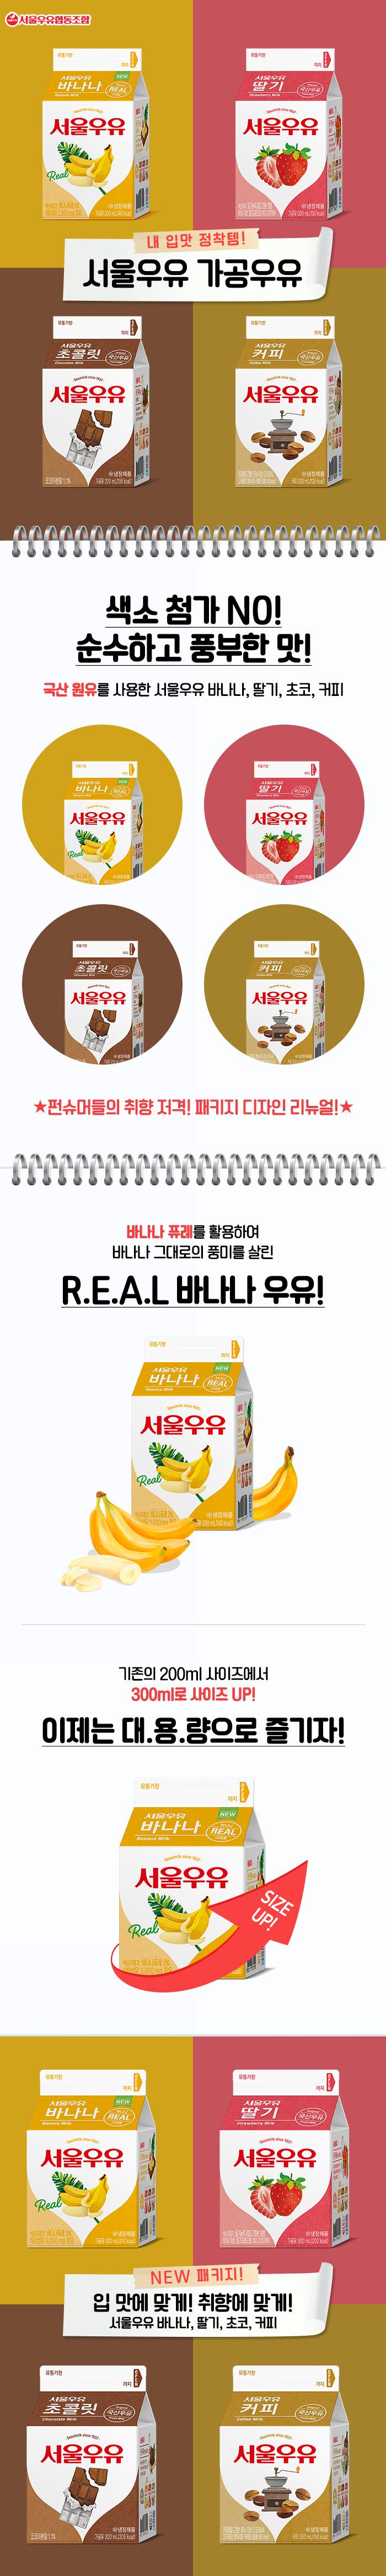 200422_[인포그래픽]_서울우유-4월